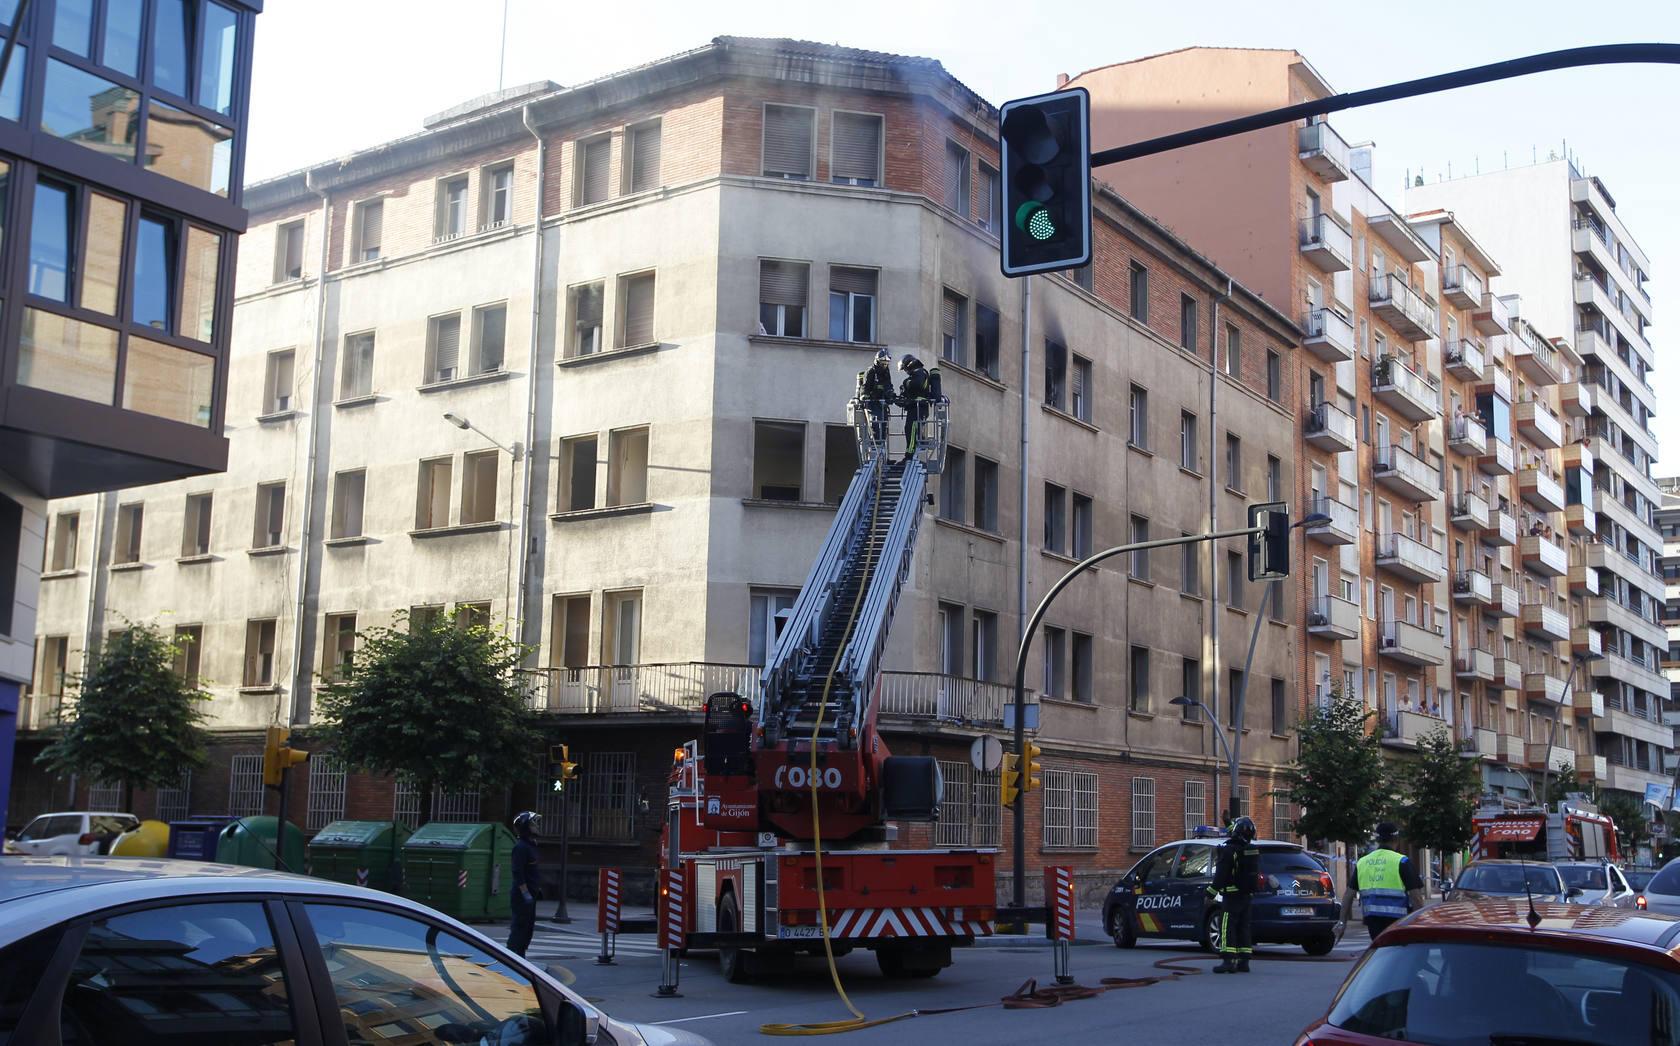 Incendio en el edificio ocupado de la calle Ezcurdia de Gijón